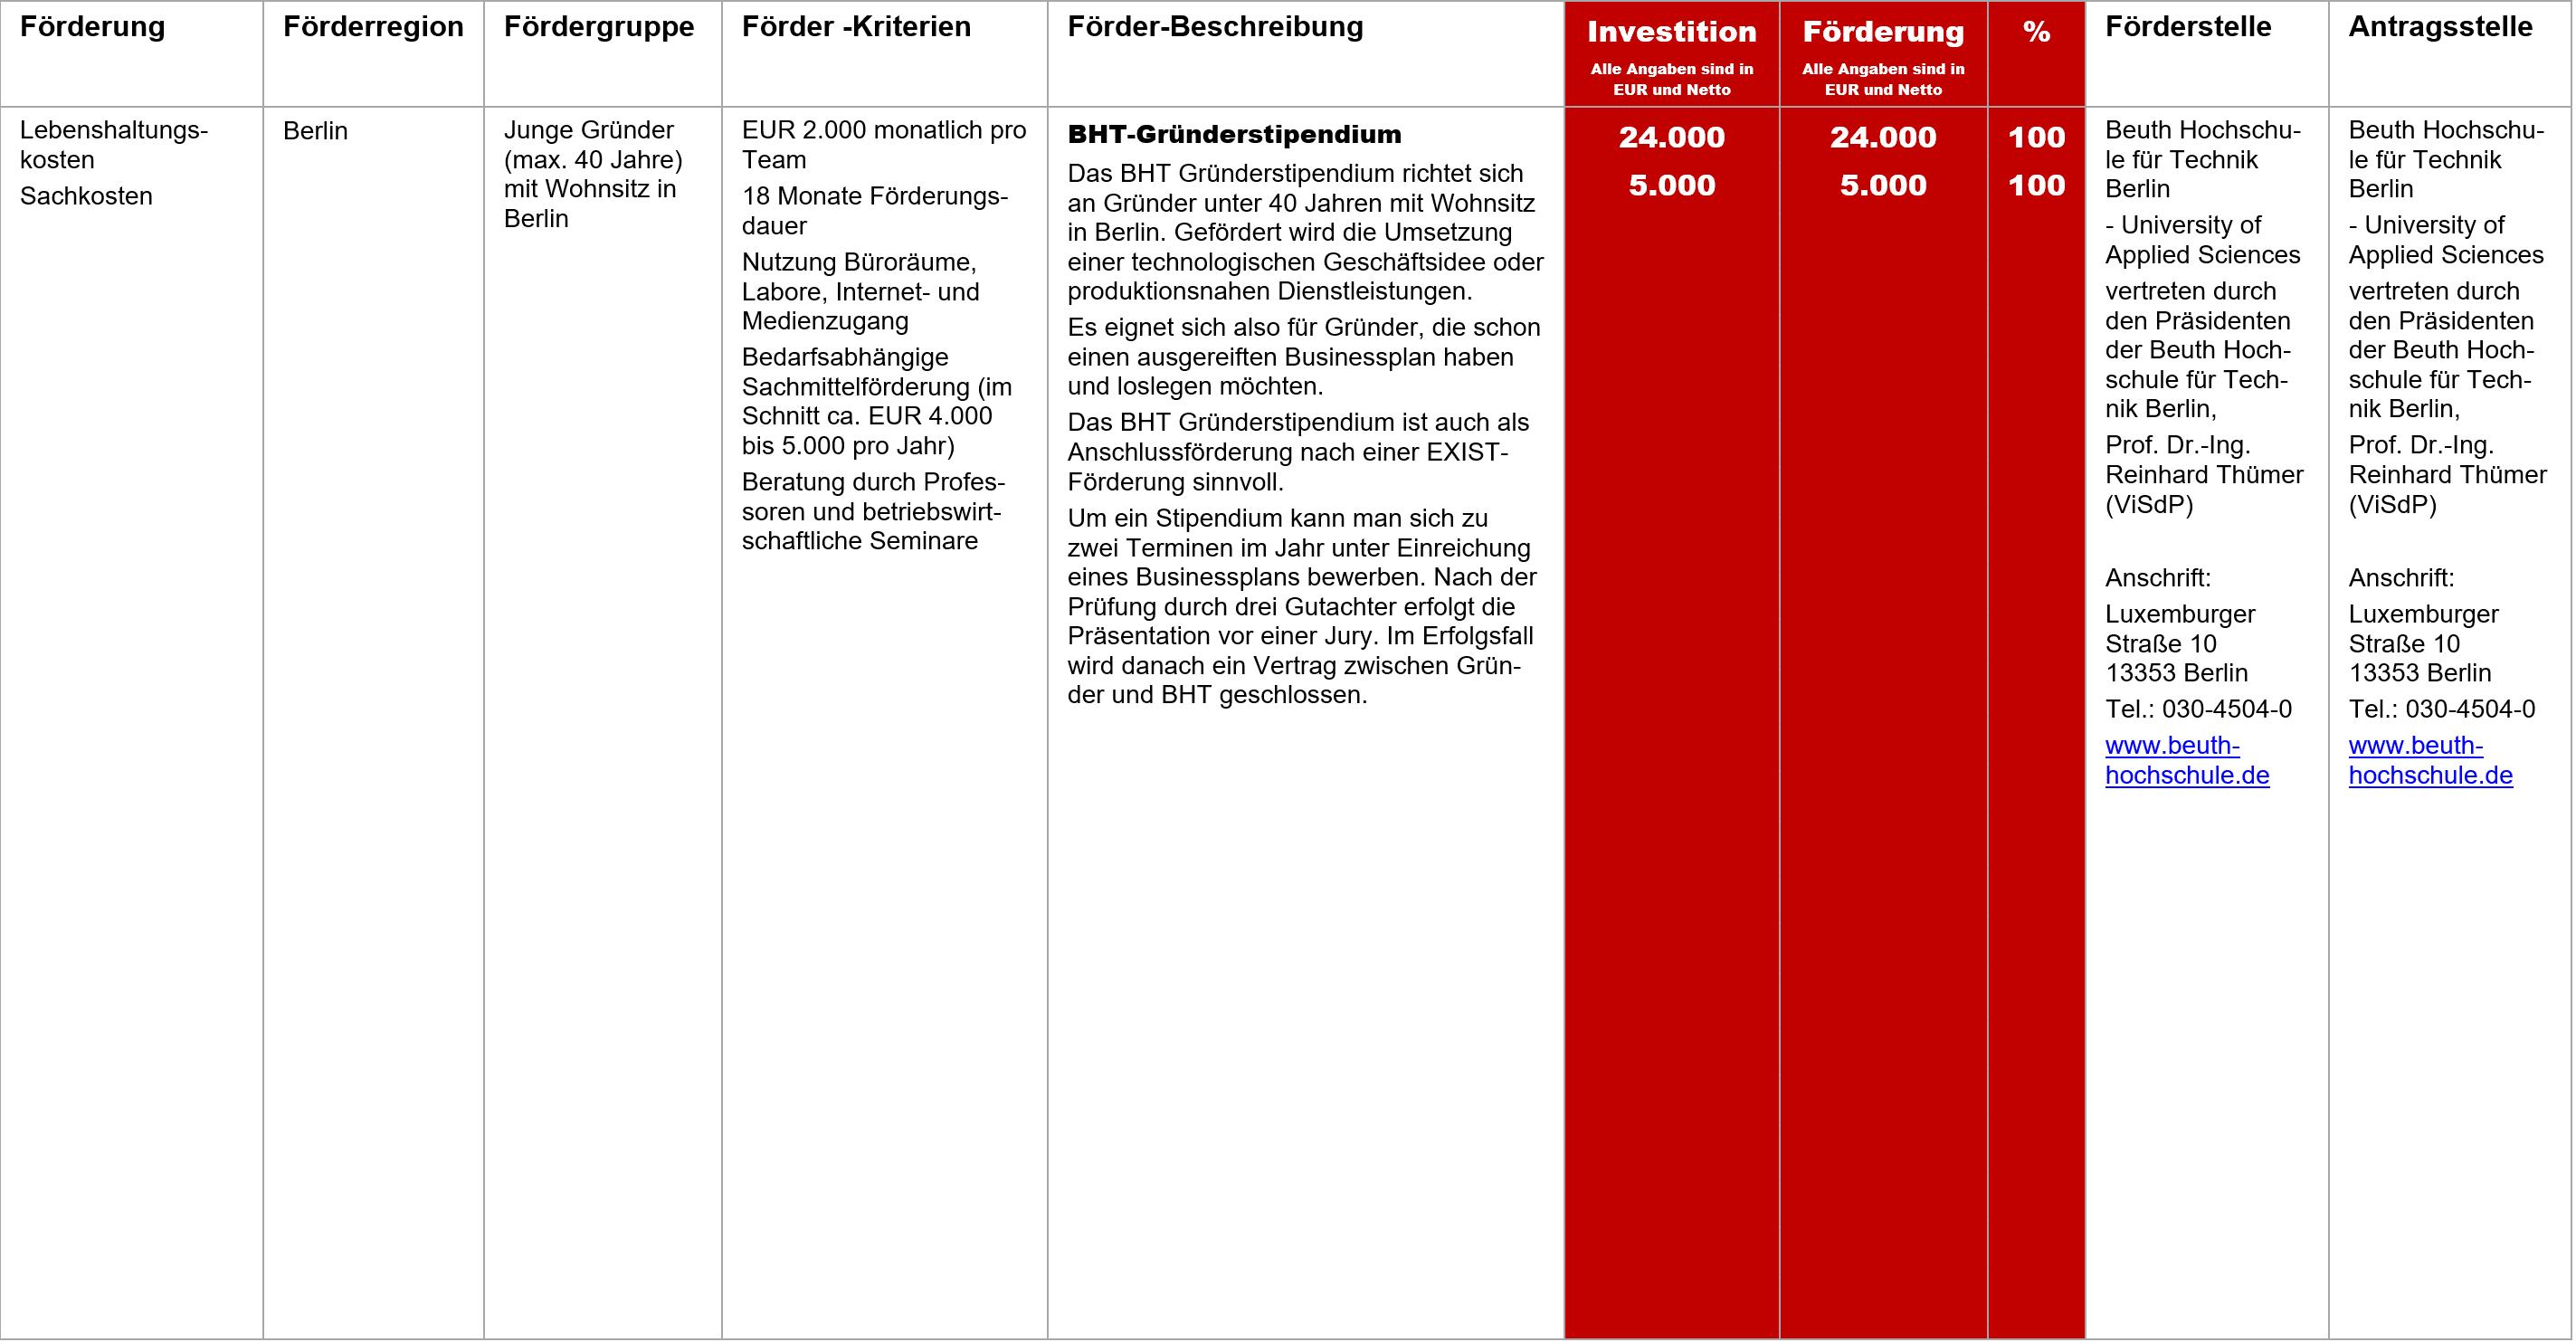 BHT-Gründerstipendium, Fördermittel – BHT-Gründerstipendium